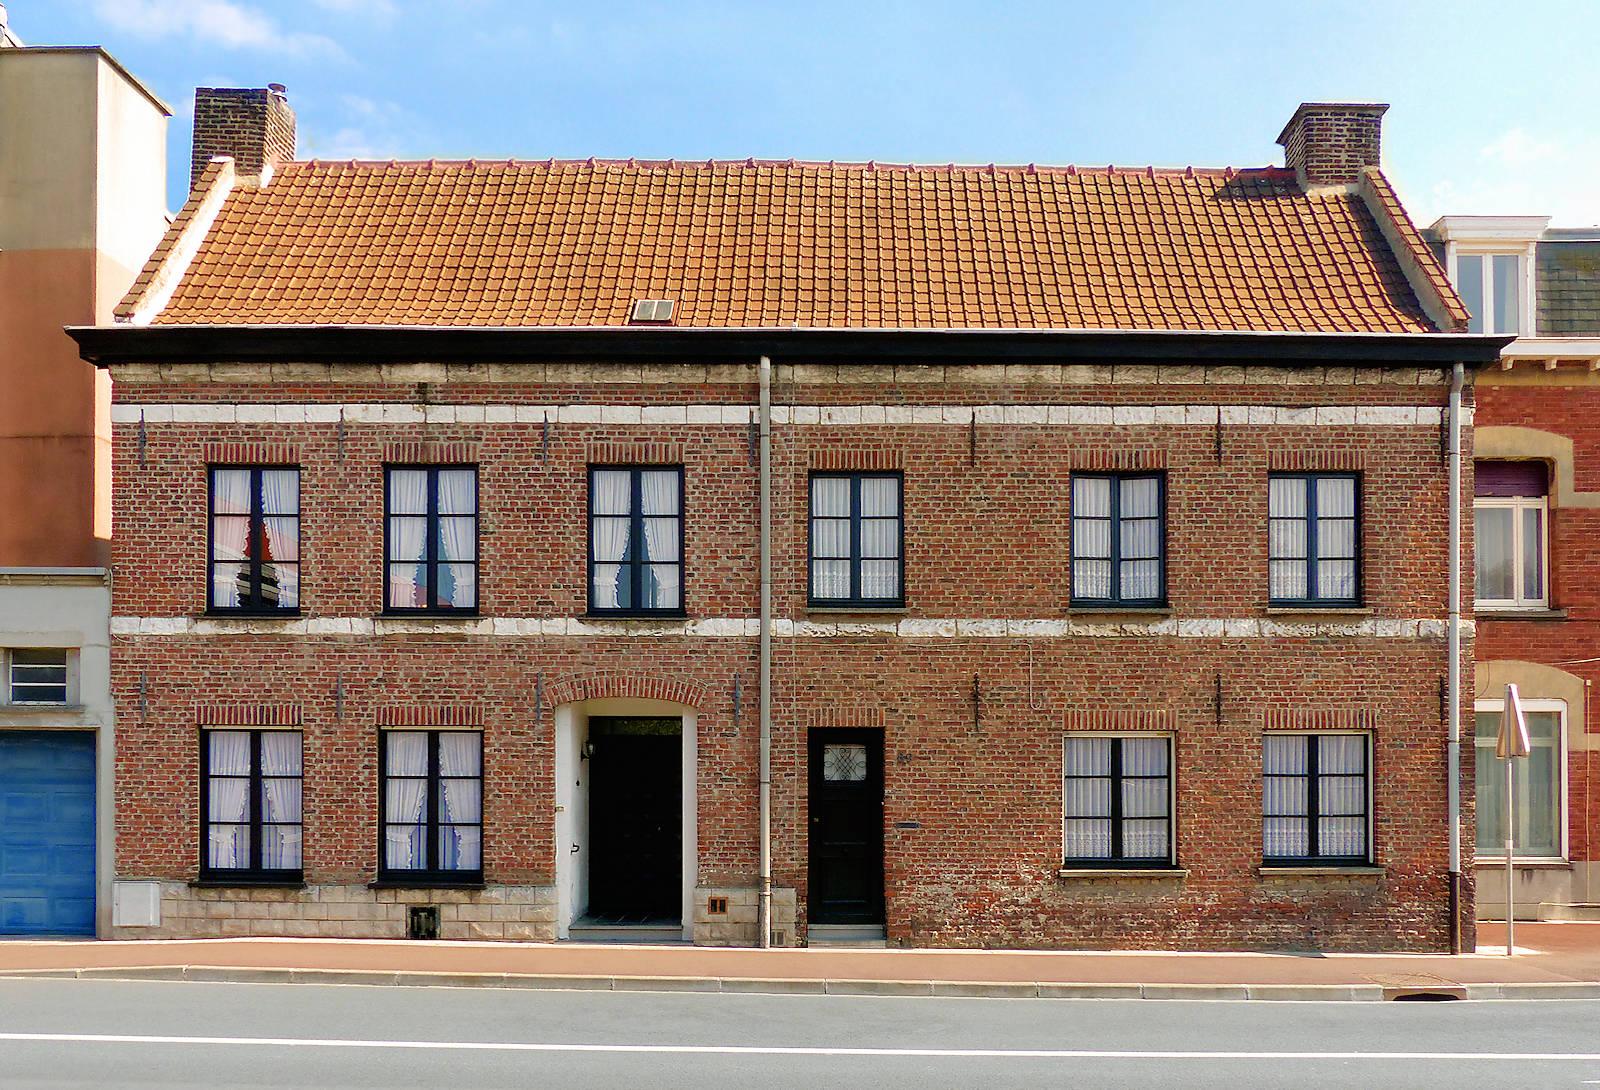 Maison en briques rouges de la rue des Ursulines